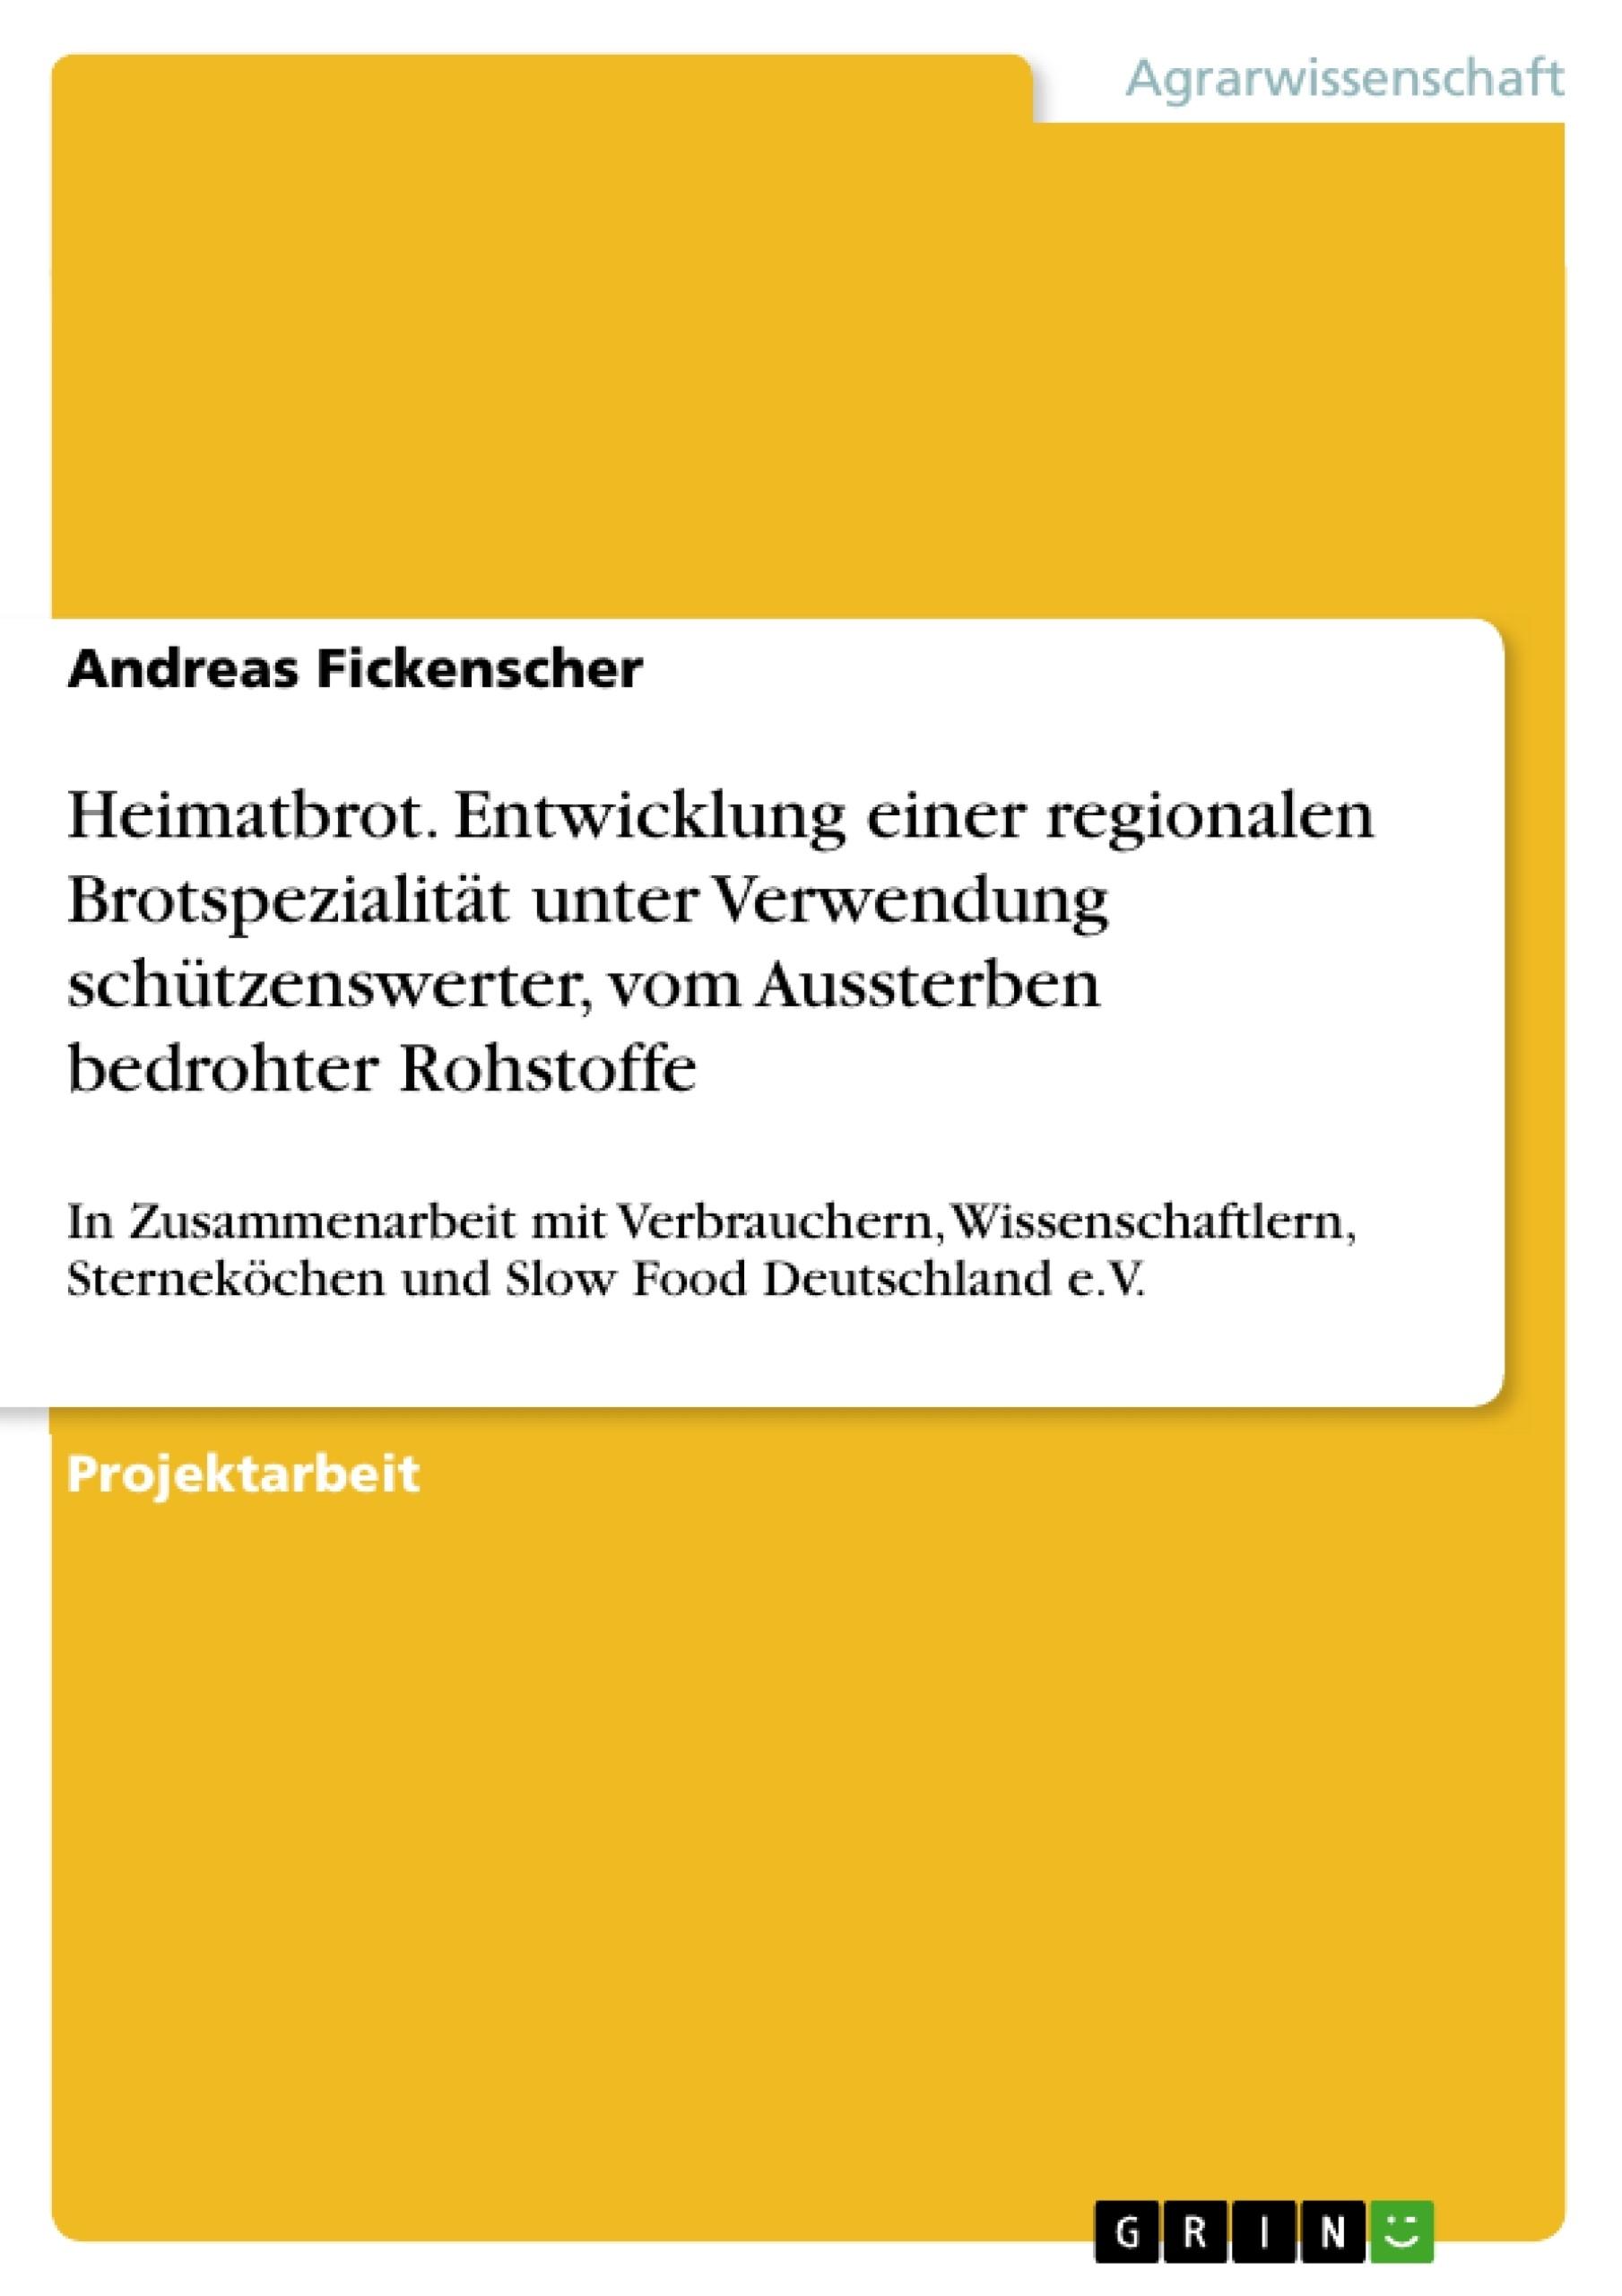 Titel: Heimatbrot. Entwicklung einer regionalen Brotspezialität unter Verwendung schützenswerter, vom Aussterben bedrohter Rohstoffe